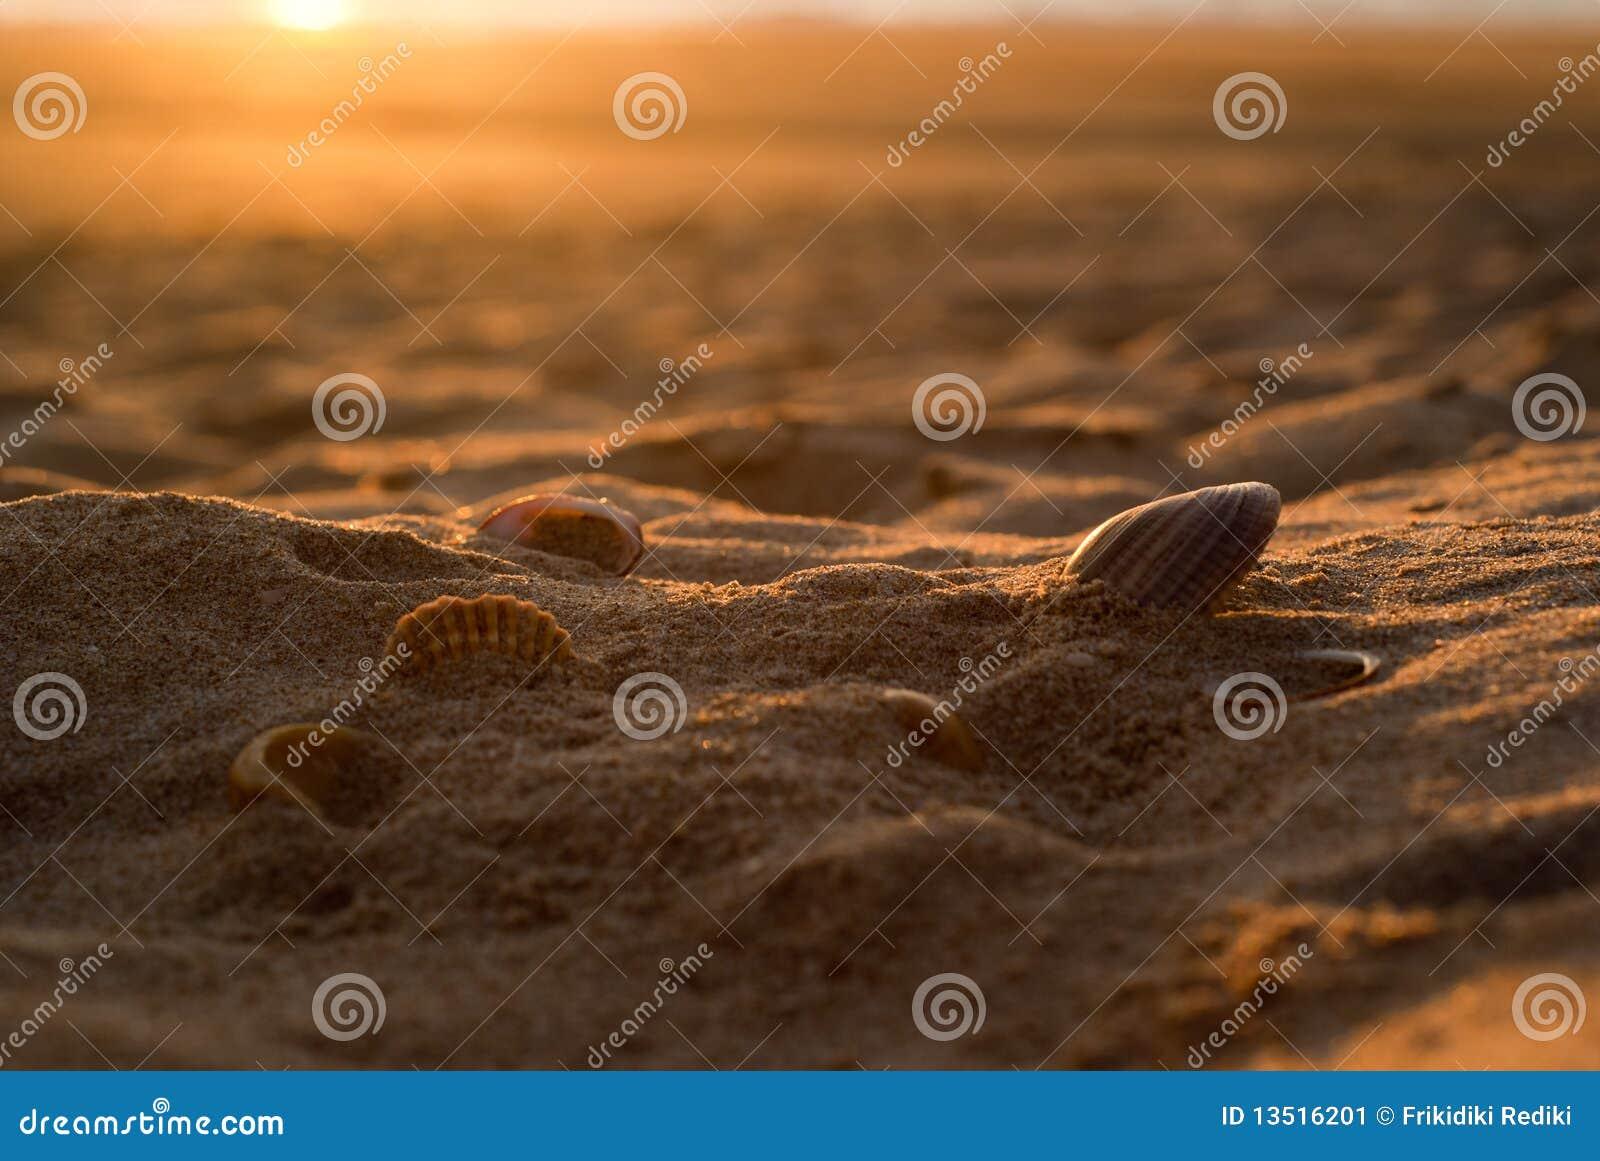 Seis seashells en la arena de oro